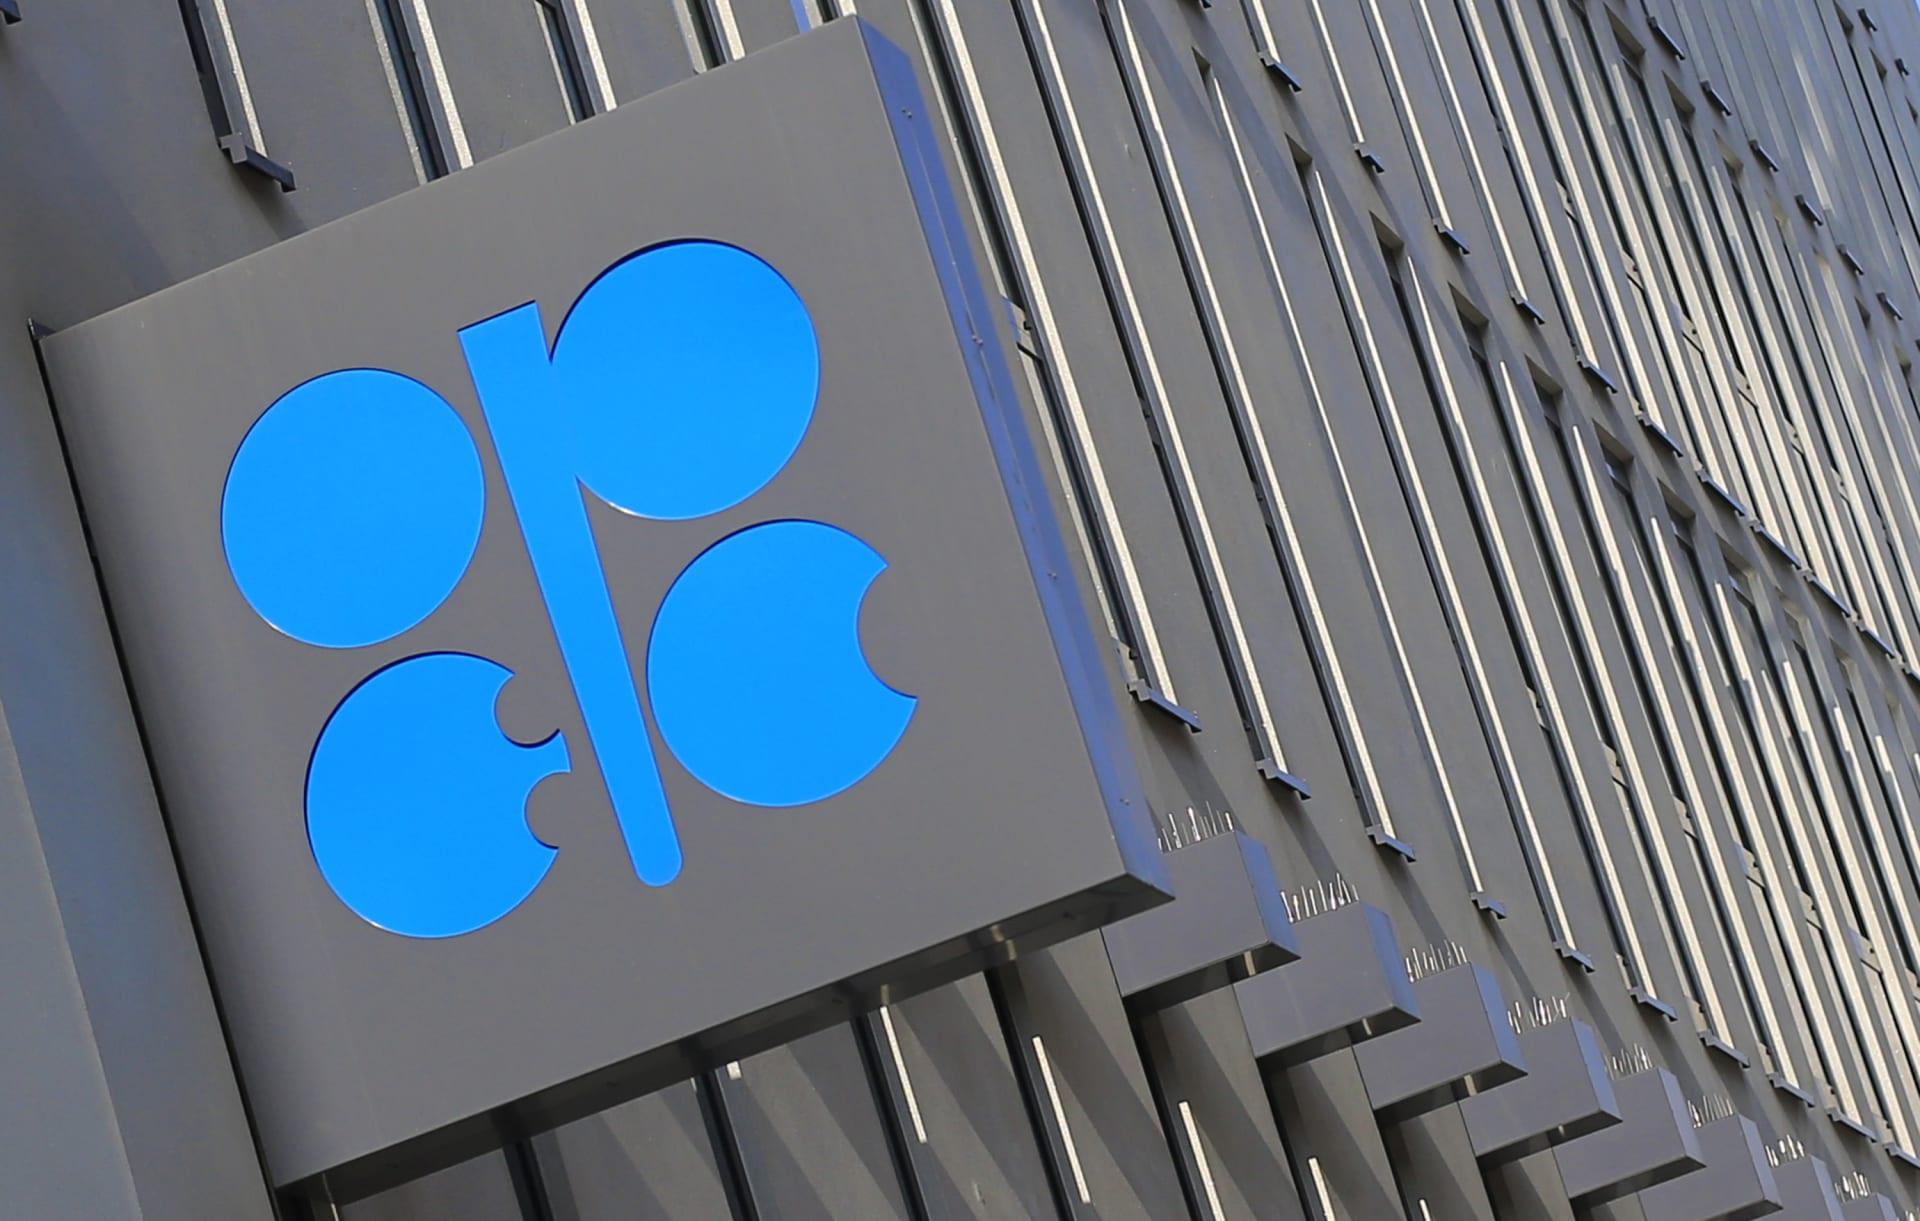 أوبك تخفض توقعاتها للطلب على النفط في 2020.. إليكم هي